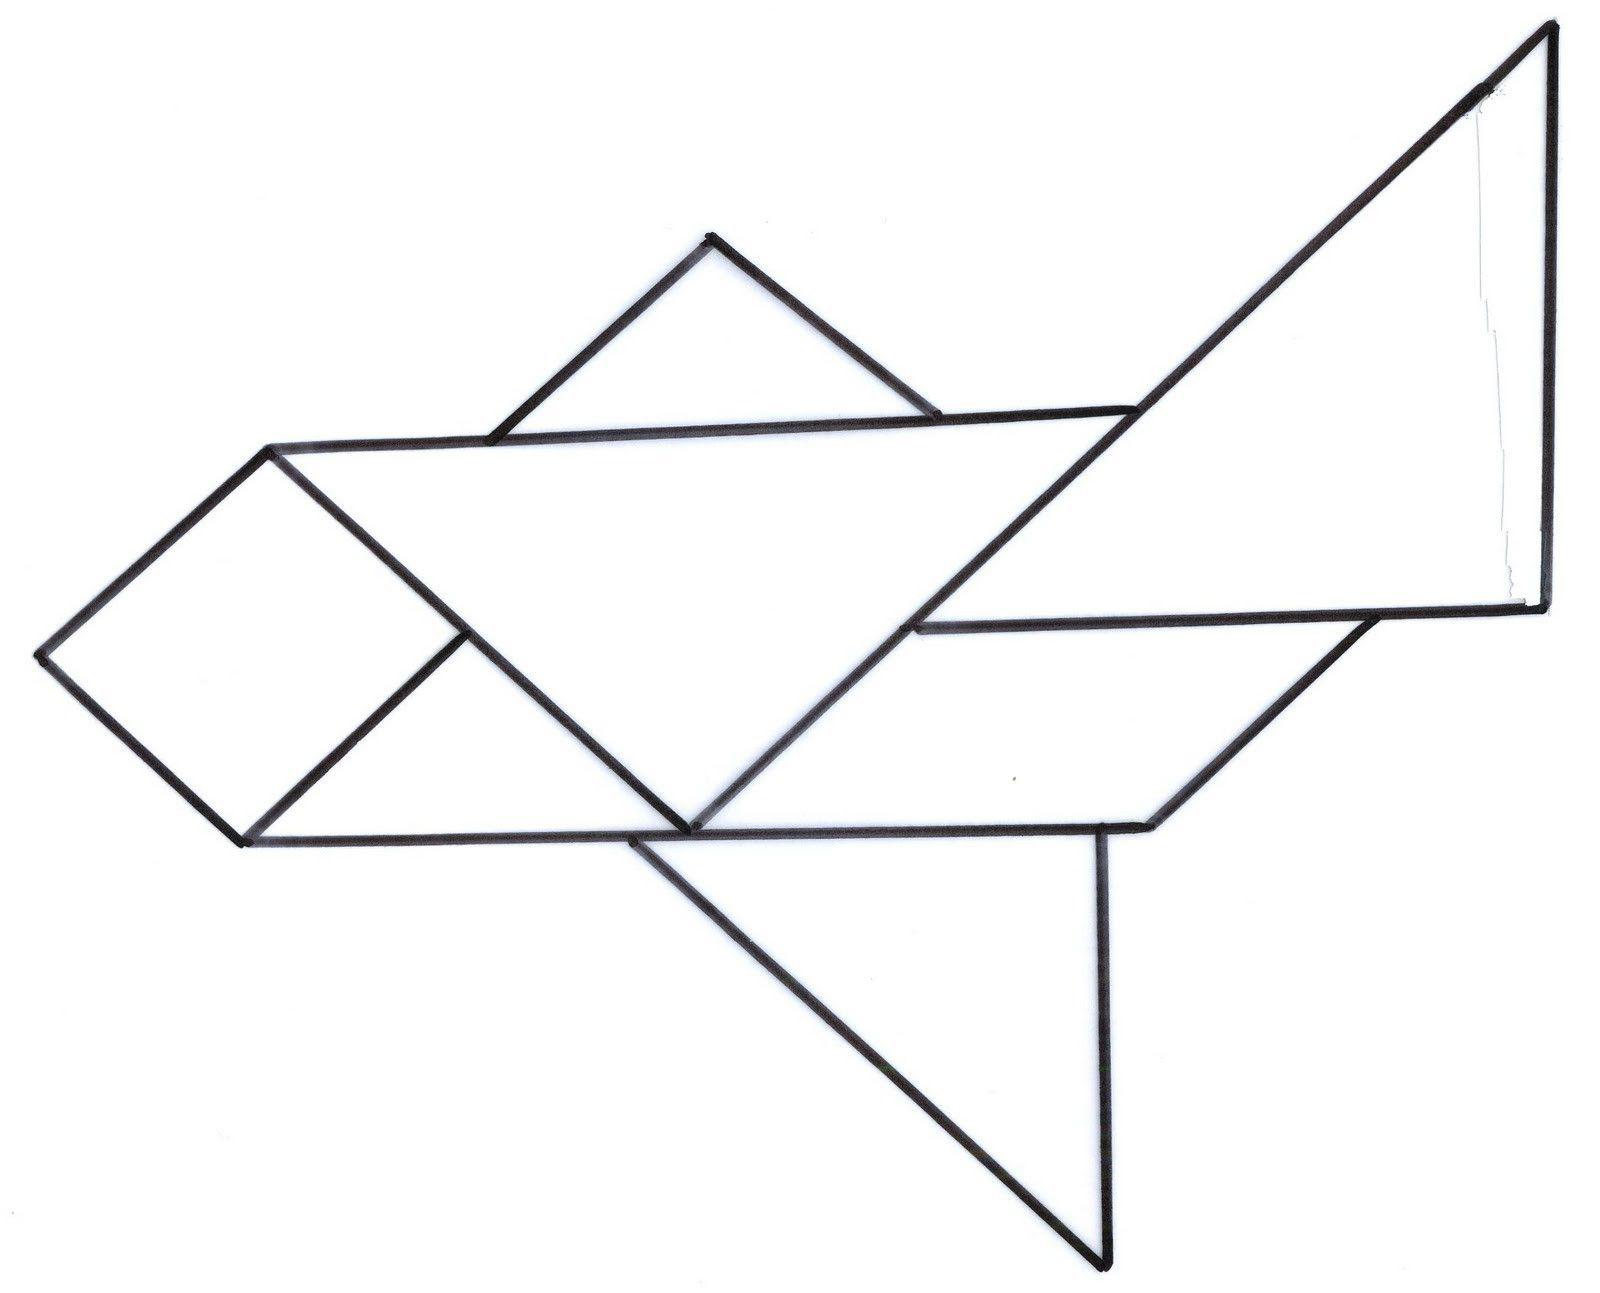 этом картинки с контурным изображением ракеты и самолета из геометрических фигур самые